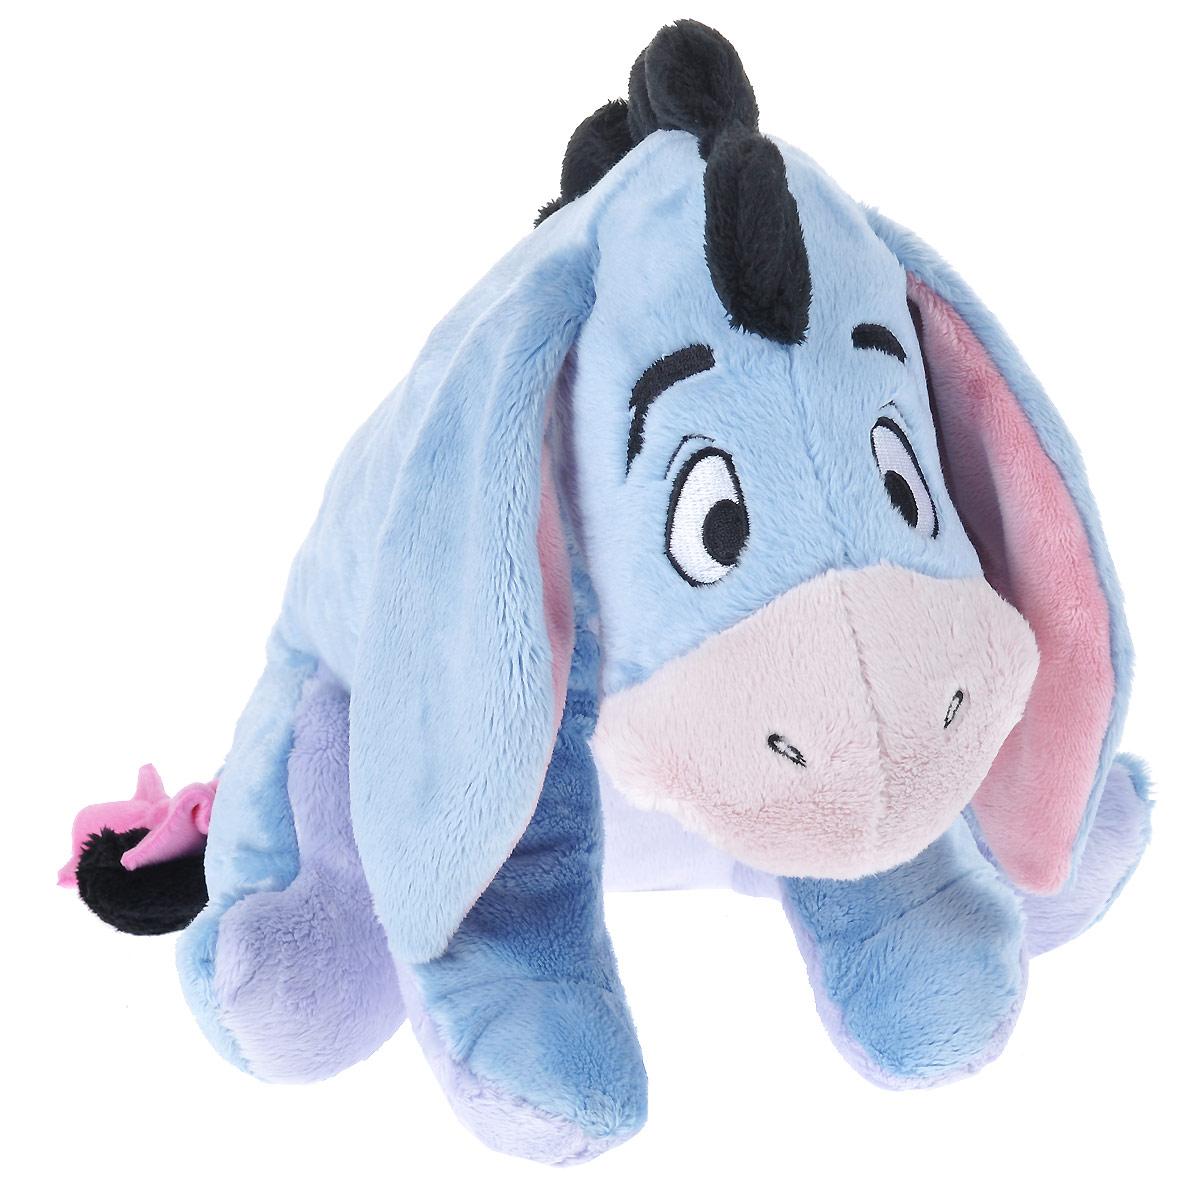 Мягкая игрушка Disney Ослик Ушастик, цвет: голубой, 35 см1100045Мягкая игрушка Disney Ушастик станет любимой игрушкой вашего ребенка. Она выполнена в виде ослика Ушастика - героя популярного диснеевского мультсериала о приключениях Винни-Пуха и его друзей. Игрушка удивительно приятна на ощупь. Она изготовлена из мягкого текстильного материала голубого цвета, глазки вышиты нитками. Чудесная мягкая игрушка принесет радость и подарит своему обладателю мгновения нежных объятий и приятных воспоминаний. Компания Disney предъявляет большие требования к качеству продукции: все плюшевые герои соответствуют своим мультяшным прототипам, а самое главное - производятся в соответствии с мировыми стандартами качества и соответствуют российским требованиям безопасности.